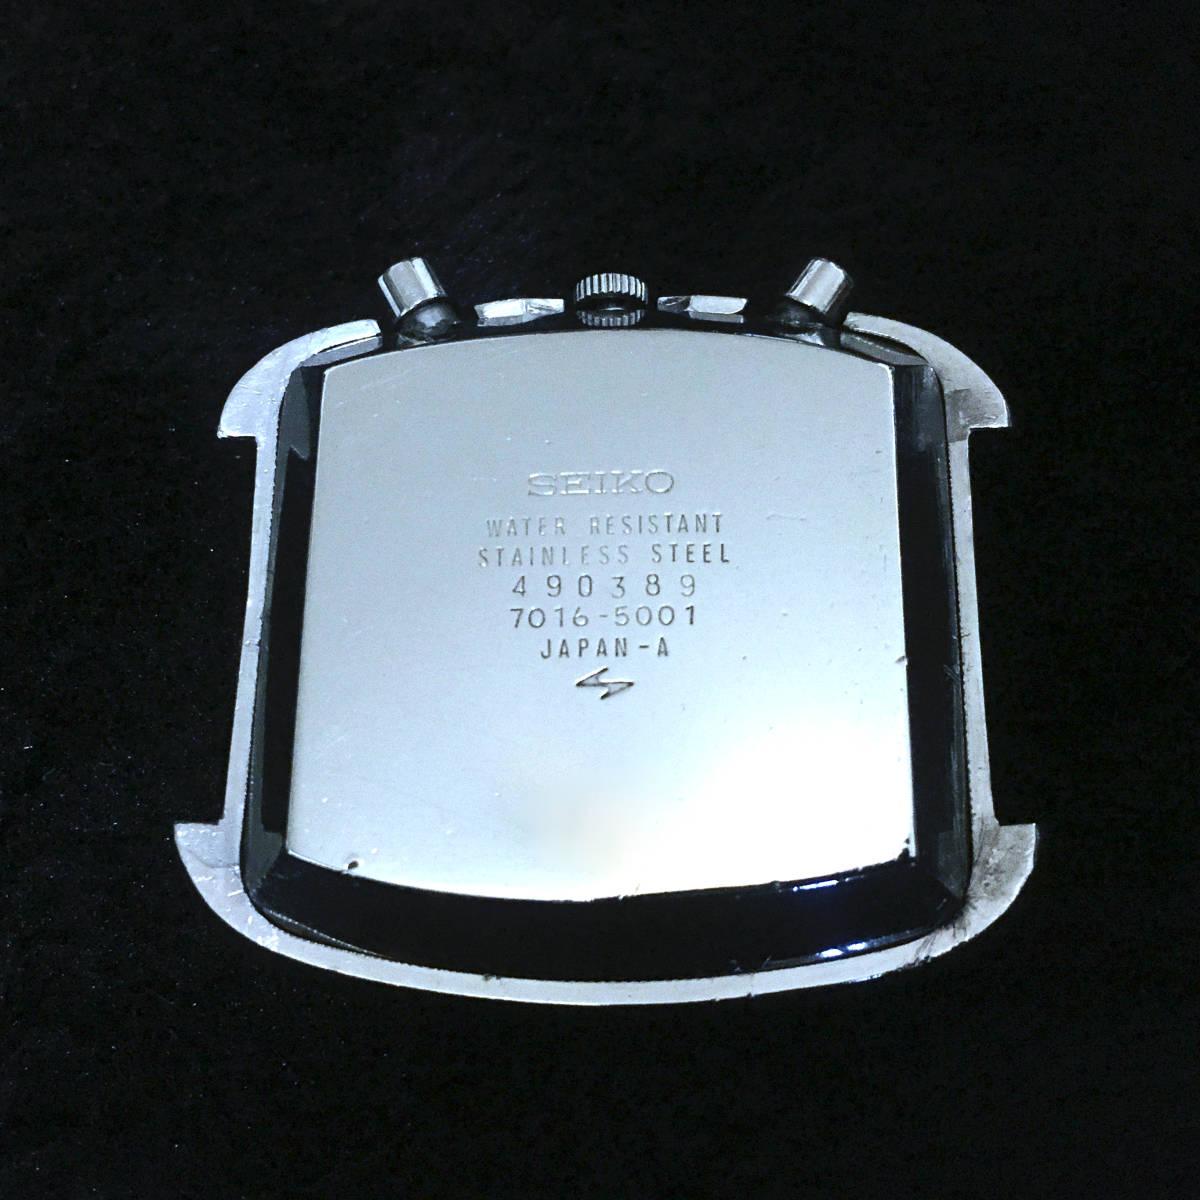 売切 美品 希少 動作品 SEIKO セイコー MONACO モナコ 7016-5001自動巻クロノグラフ 約20年未稼働 輸出専用モデル ビンテージ アンティーク_画像6